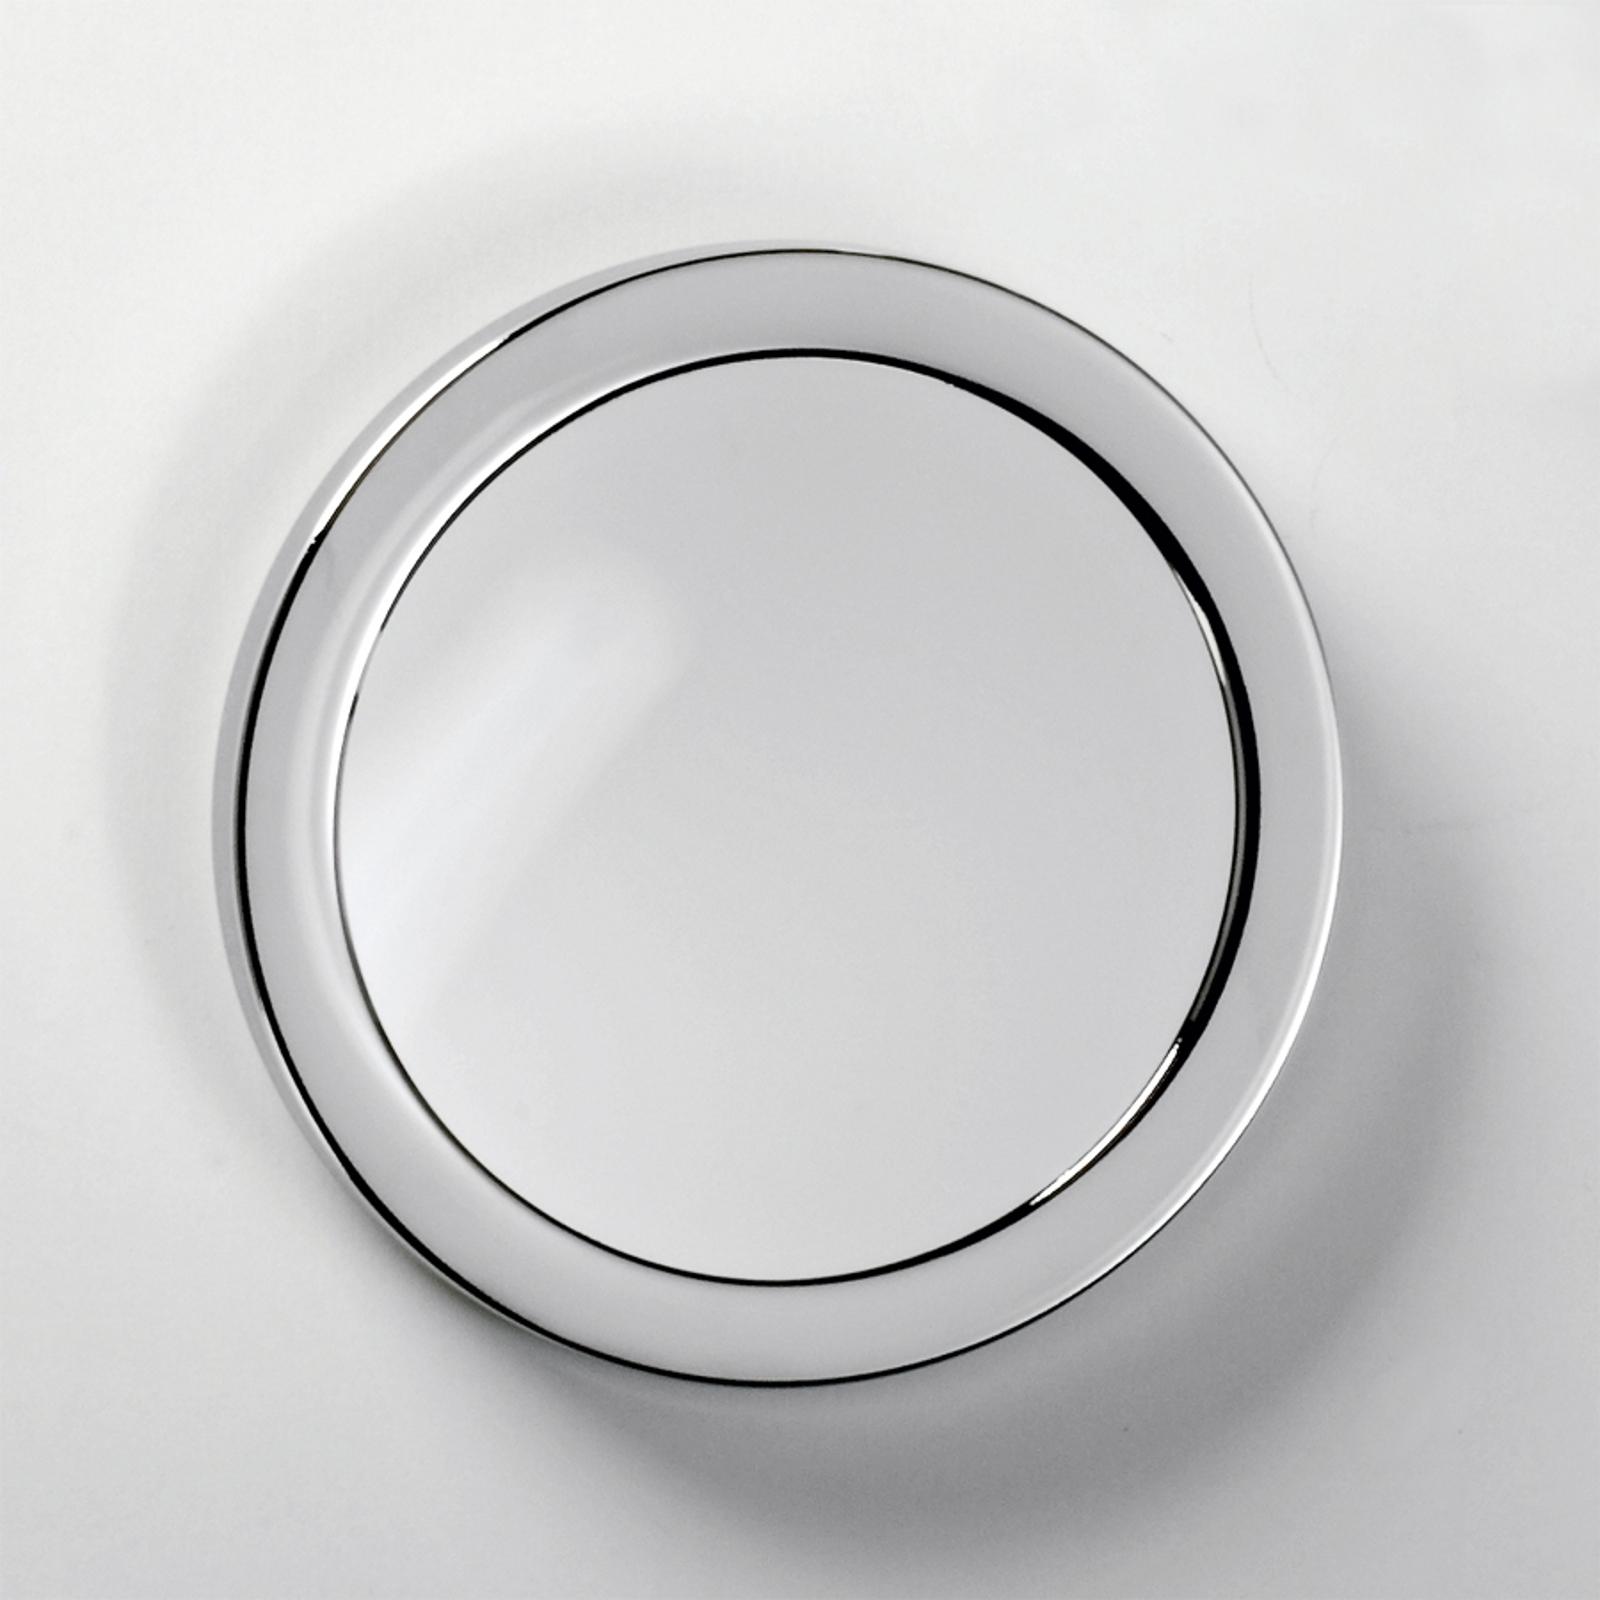 Specchio cosmetico GLOBE 1 con ventose